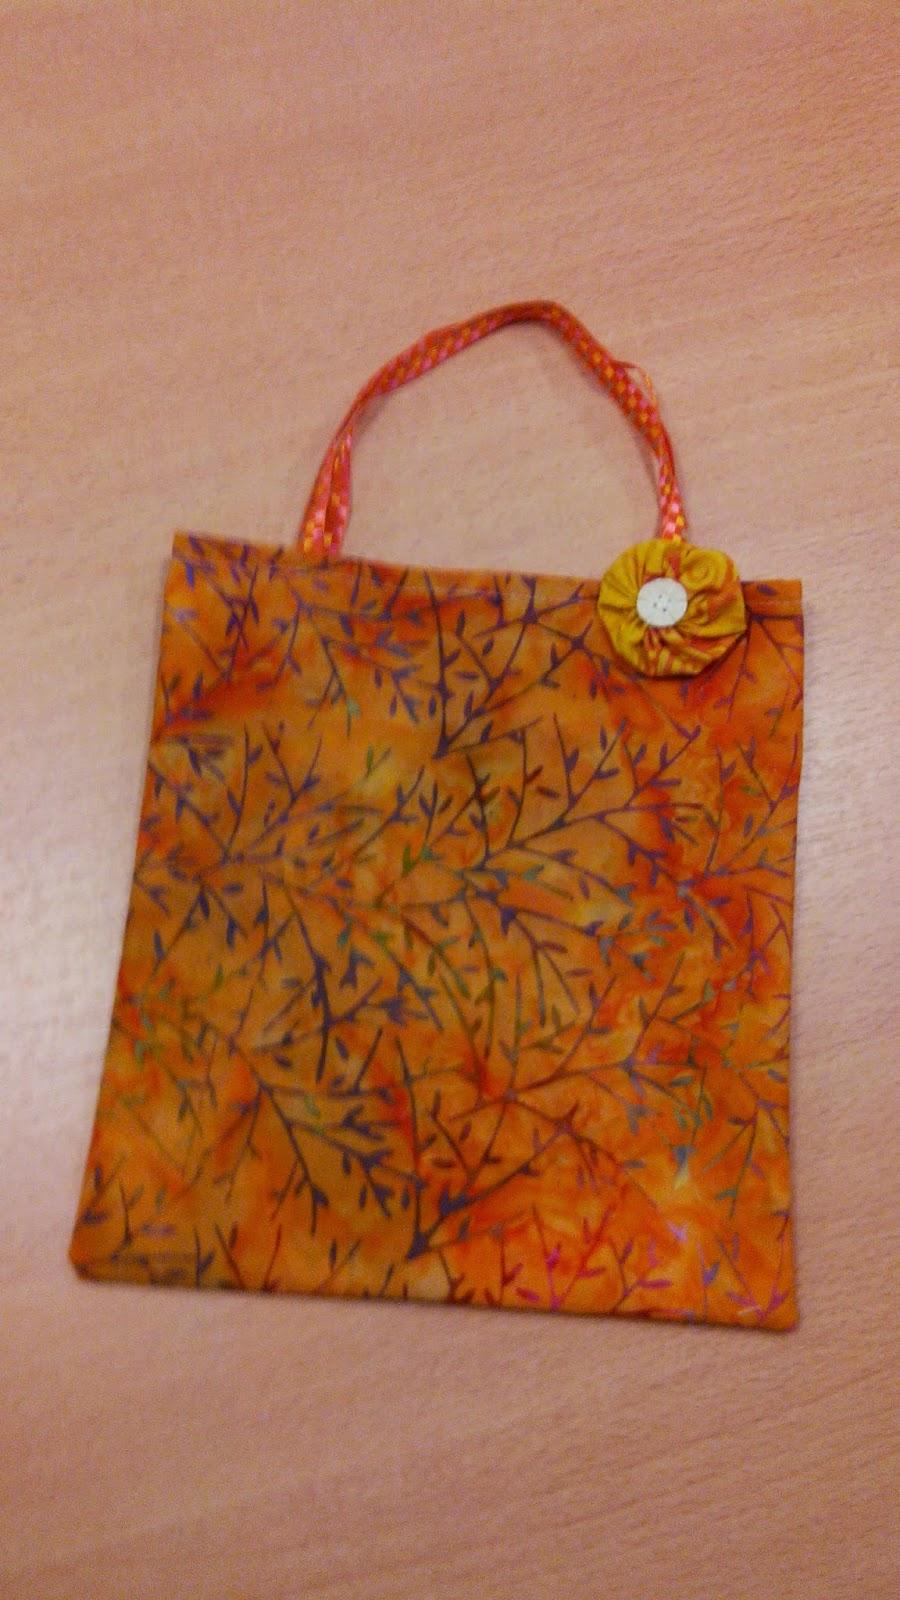 Couture en atelier sac tote bag réalisé par Alba 10 ans